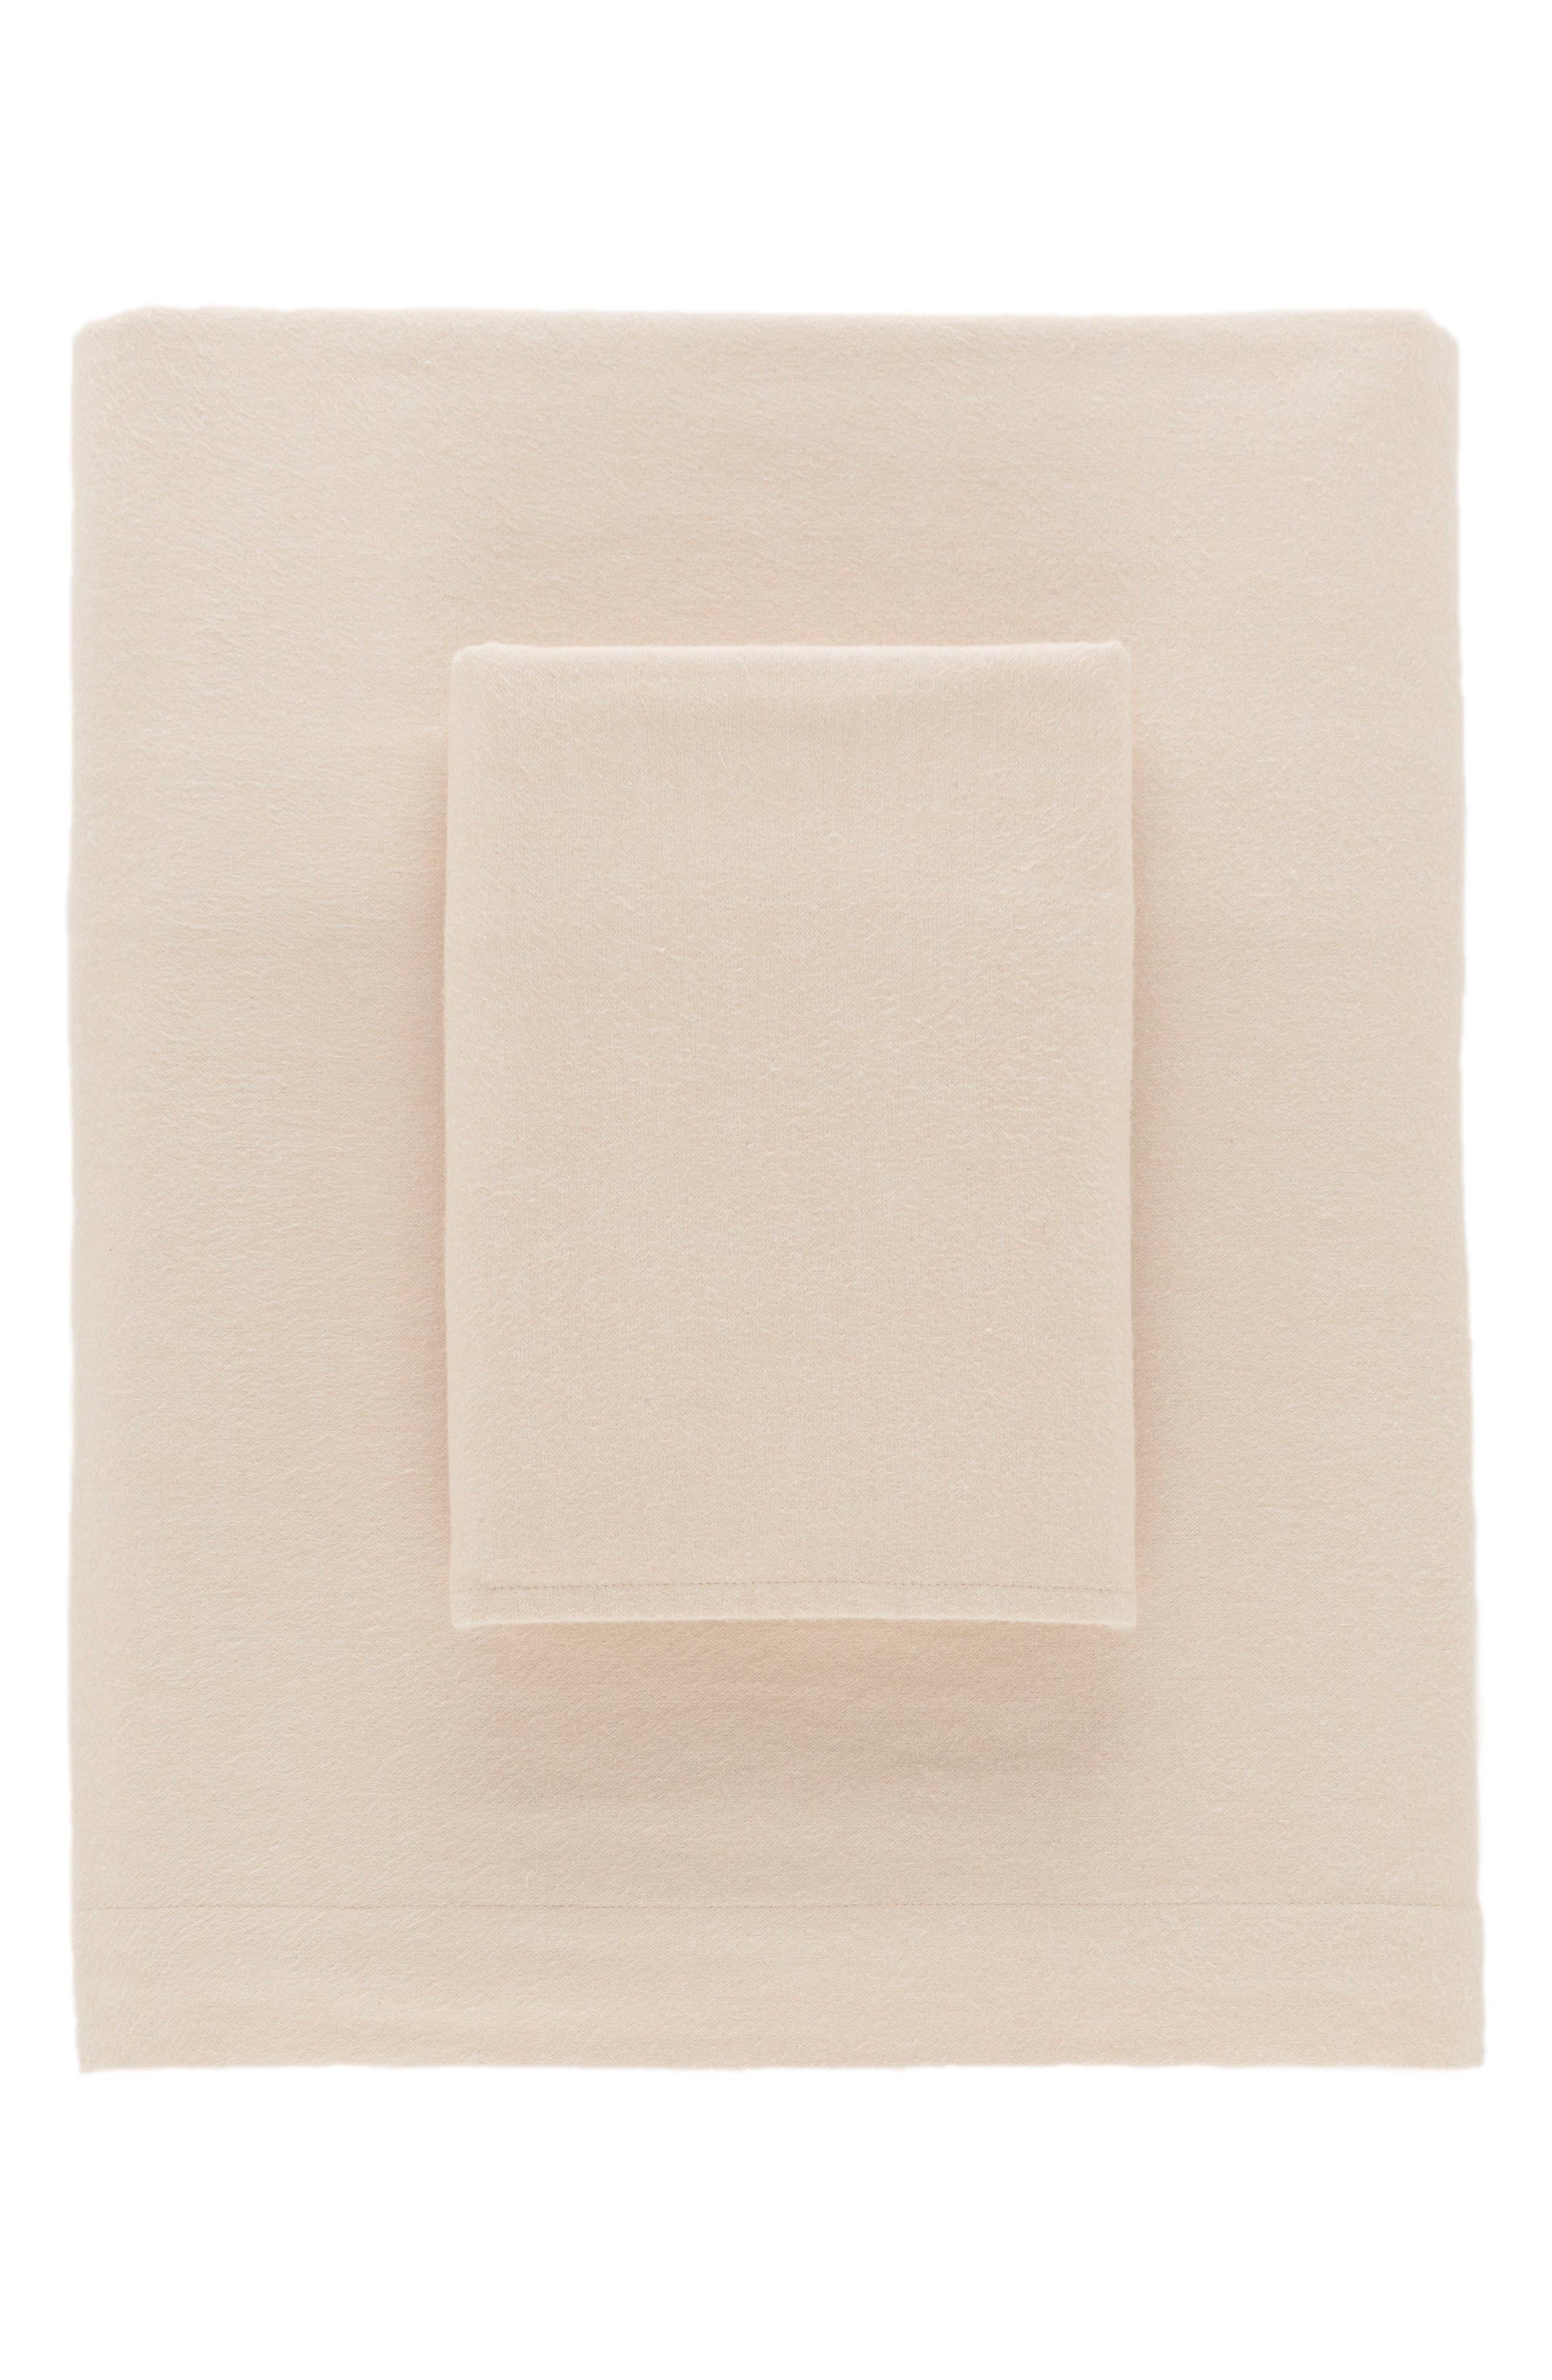 Chambray Flannel Sheet Set,                             Main thumbnail 1, color,                             Oatmeal